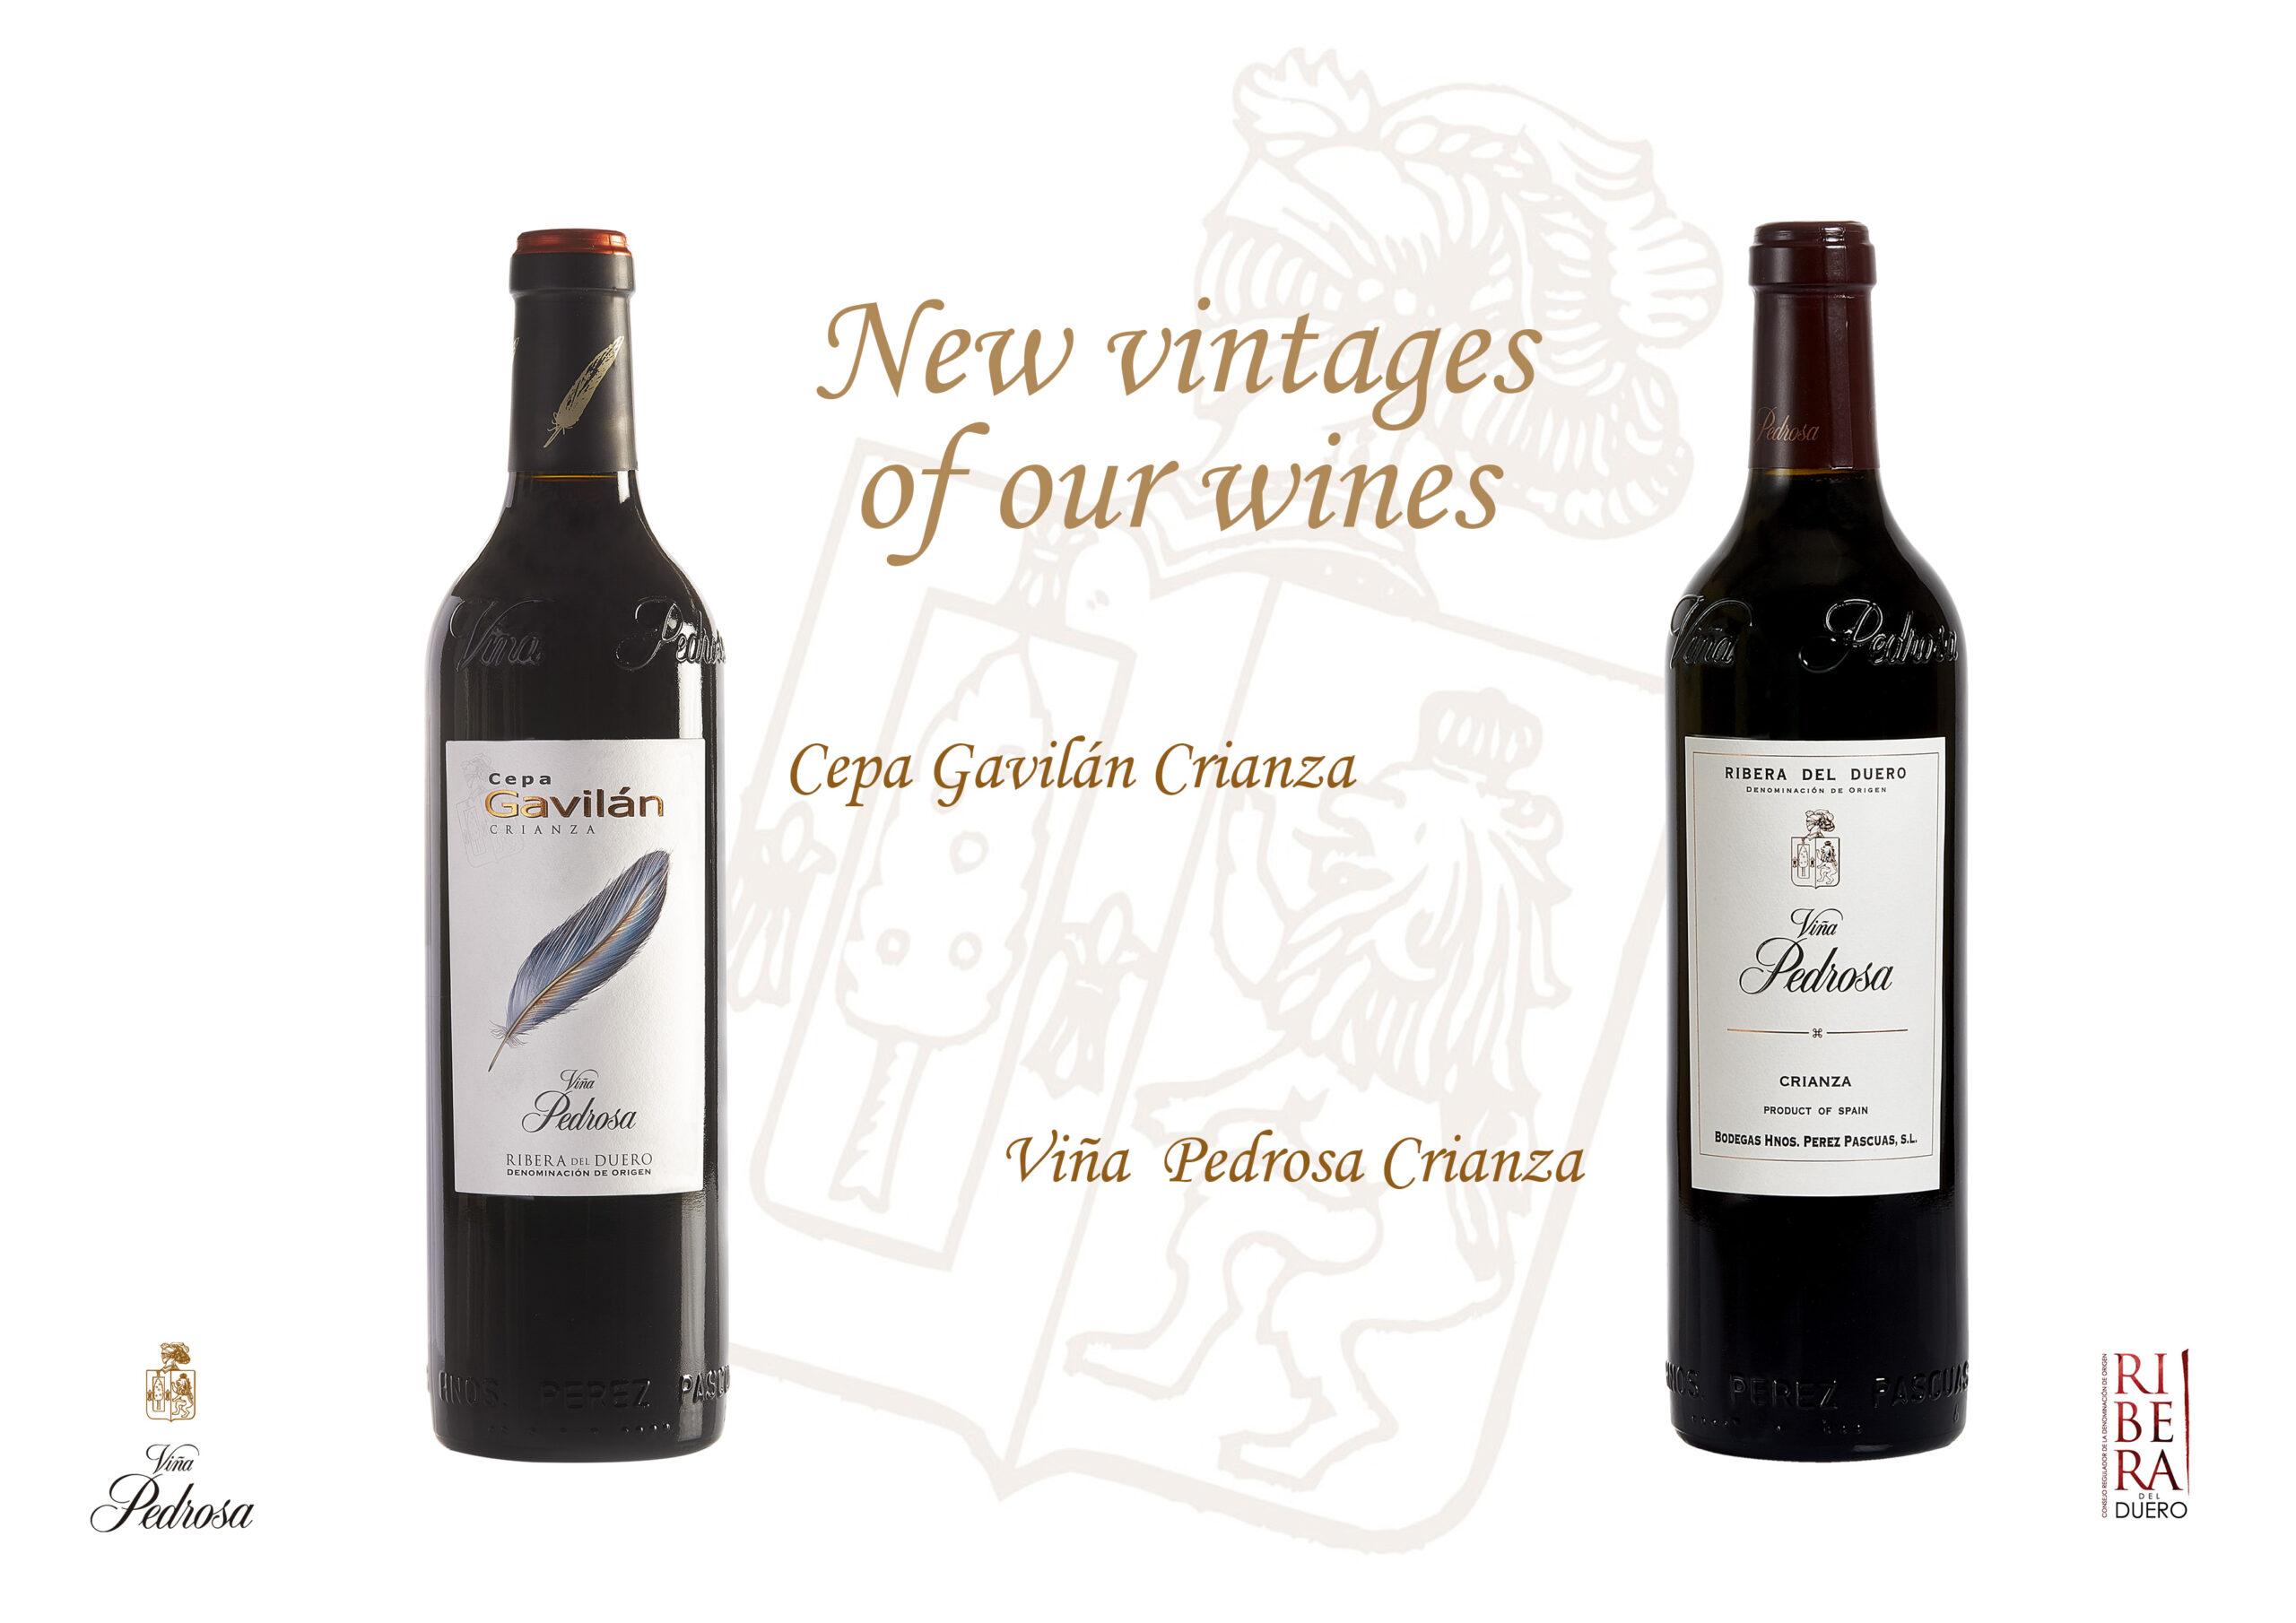 New vintages, Cepa Gavilán Crianza 2018 y Viña Pedrosa Crianza 2018